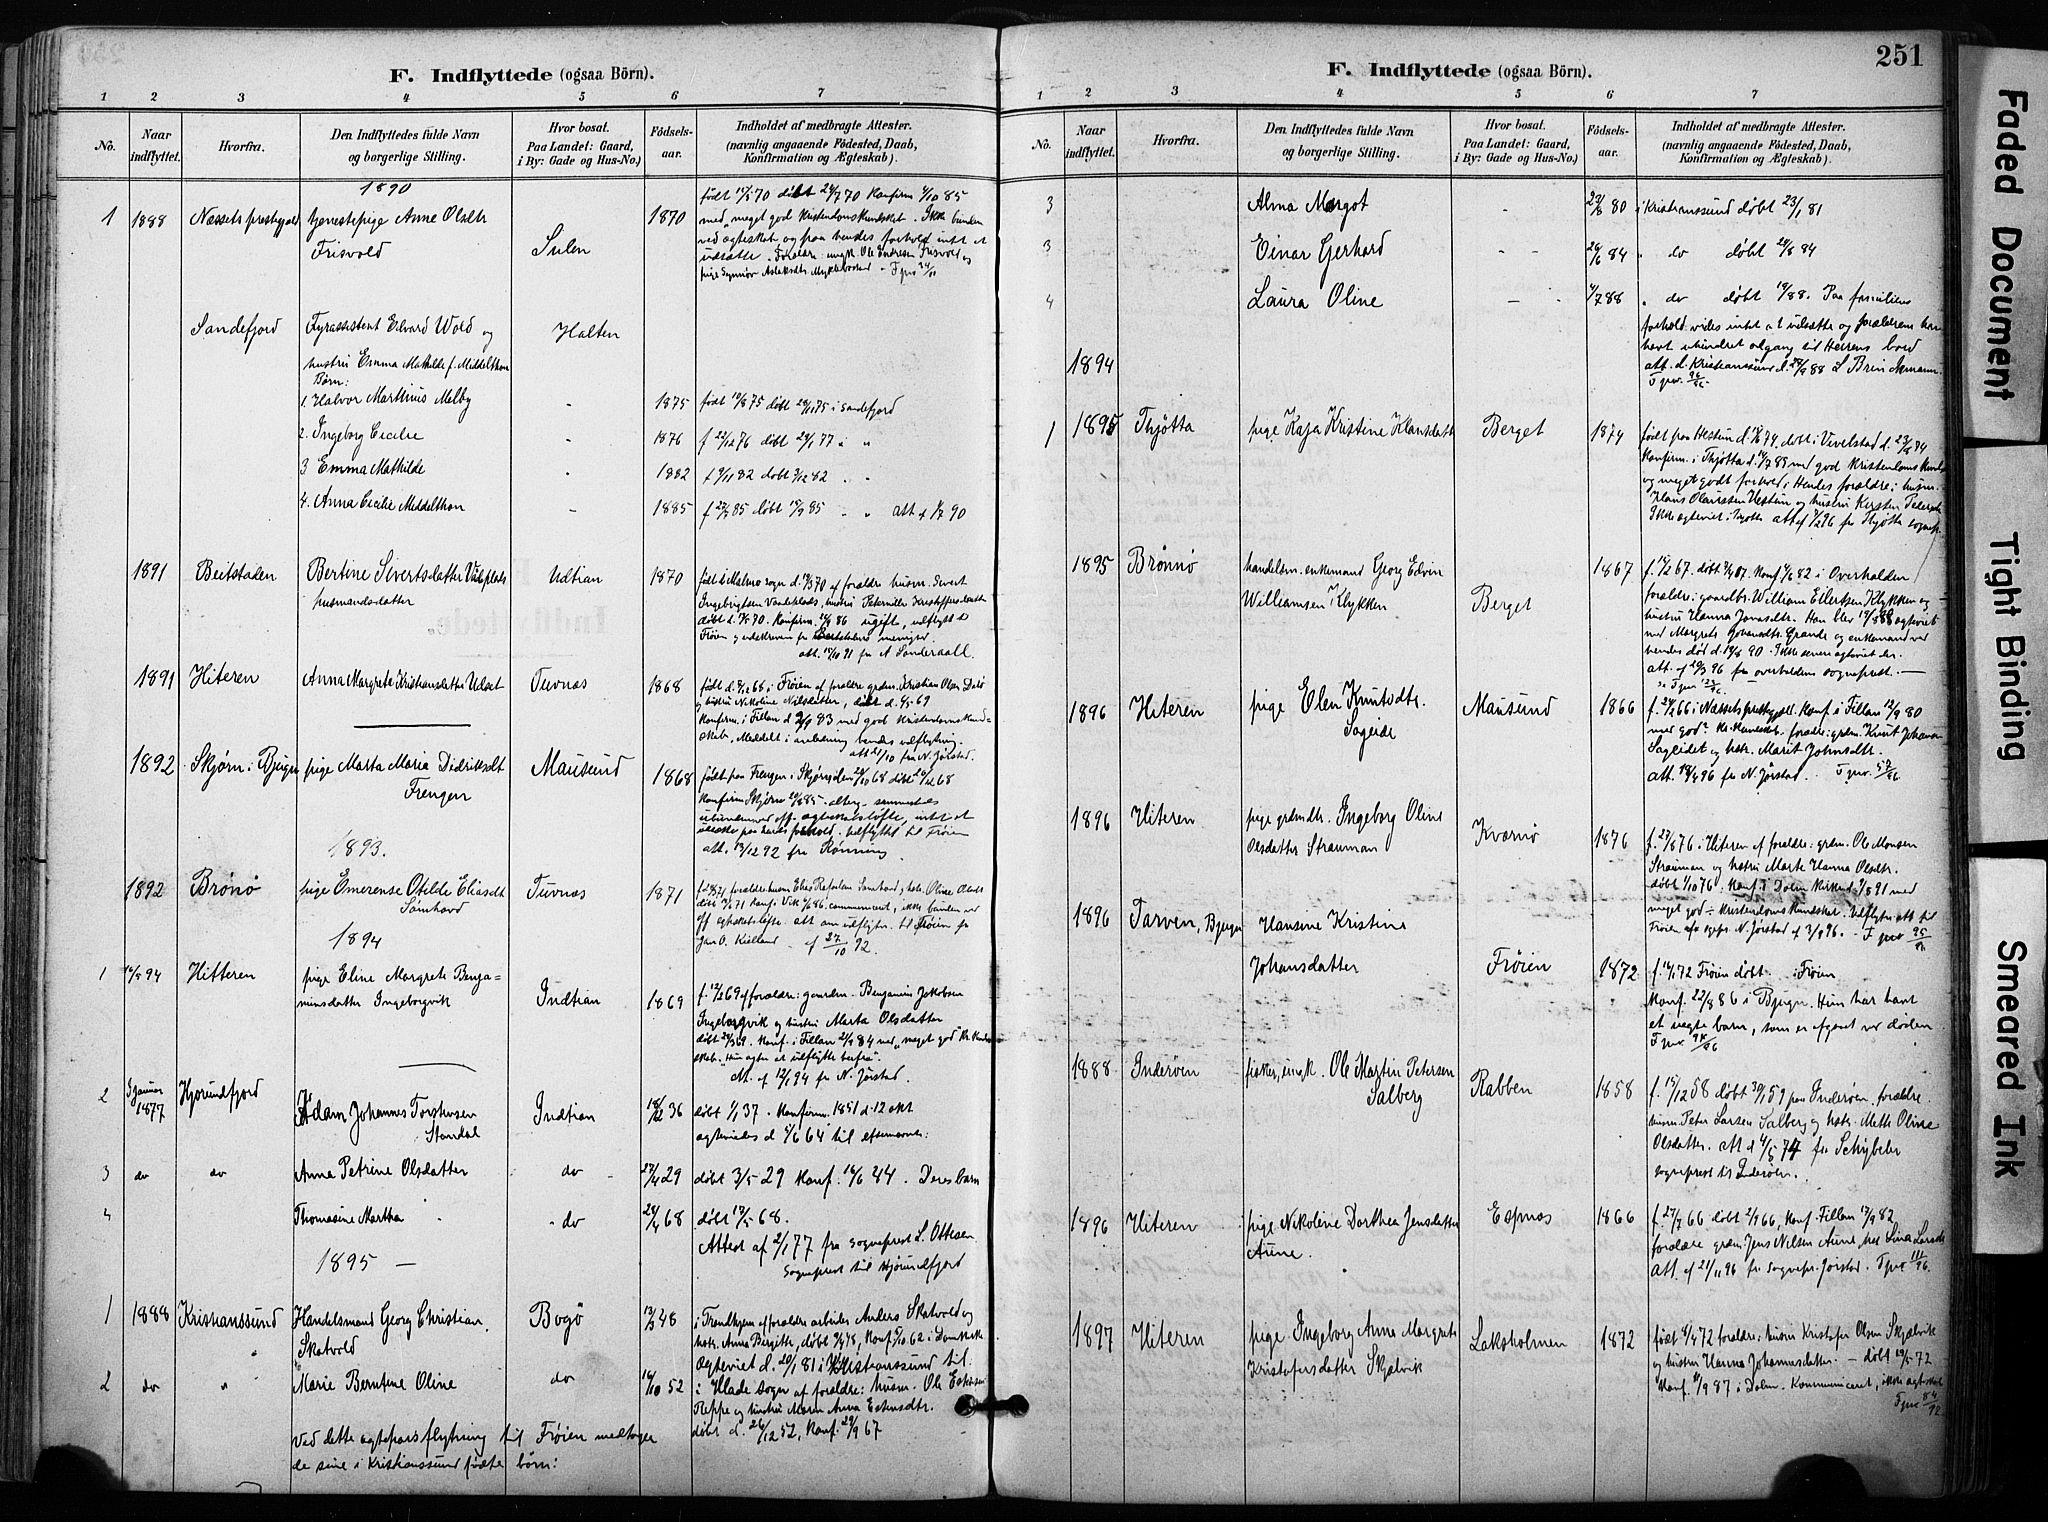 SAT, Ministerialprotokoller, klokkerbøker og fødselsregistre - Sør-Trøndelag, 640/L0579: Ministerialbok nr. 640A04, 1889-1902, s. 251